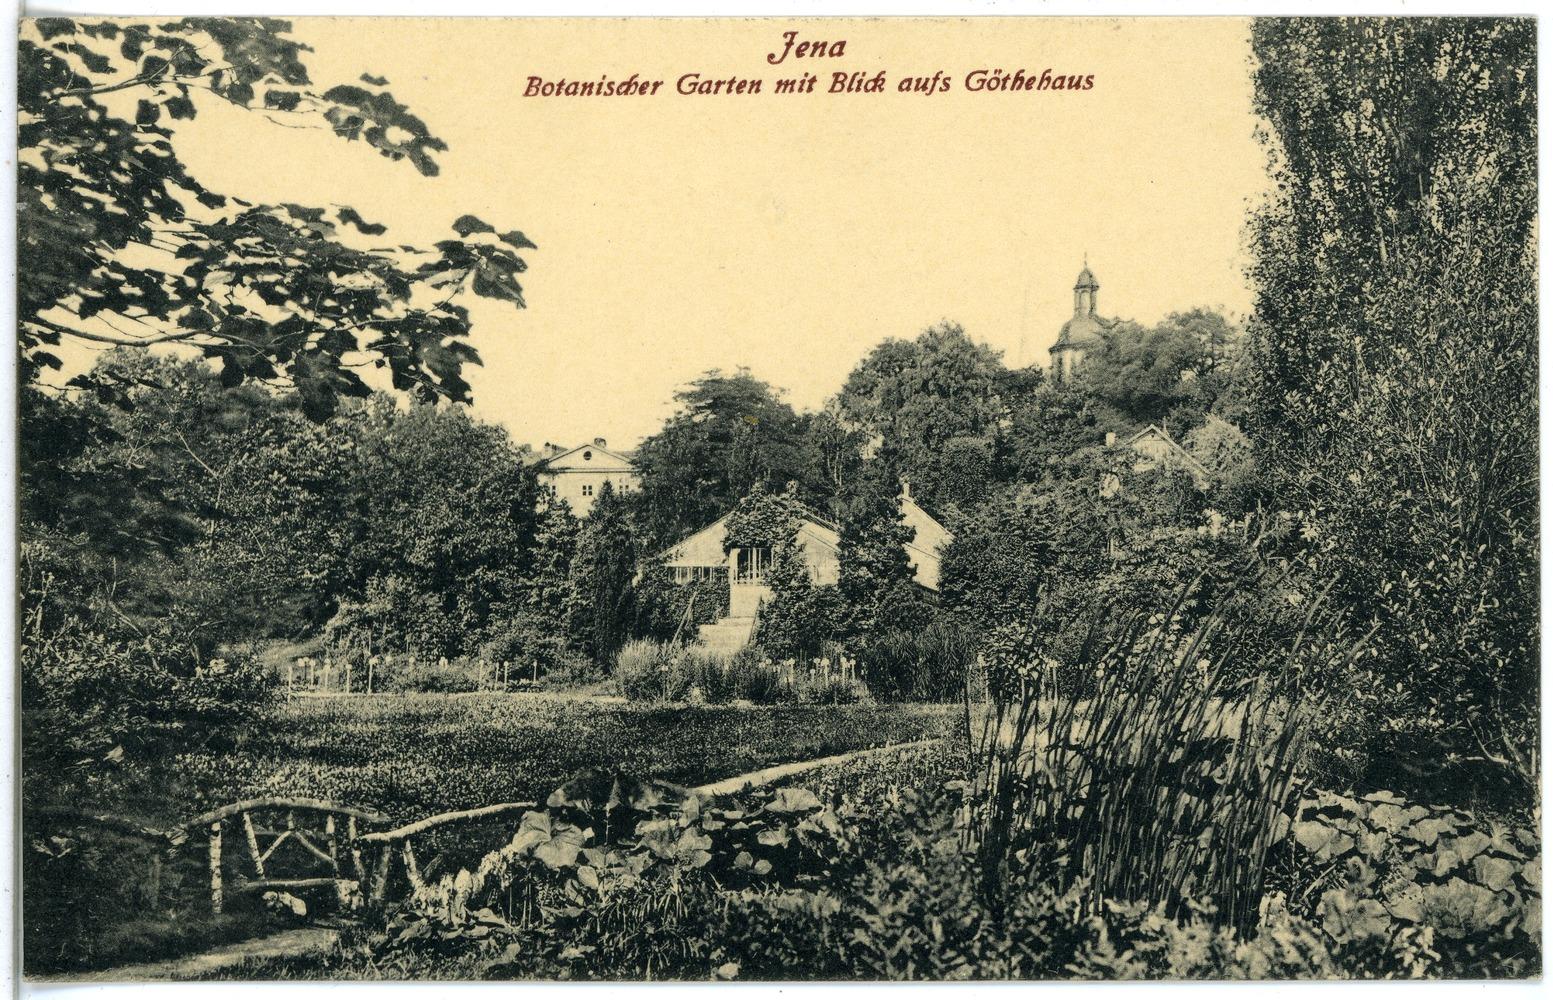 Botanischer Garten Jena Elegant File Jena 1919 Botanischer Garten Brück & sohn